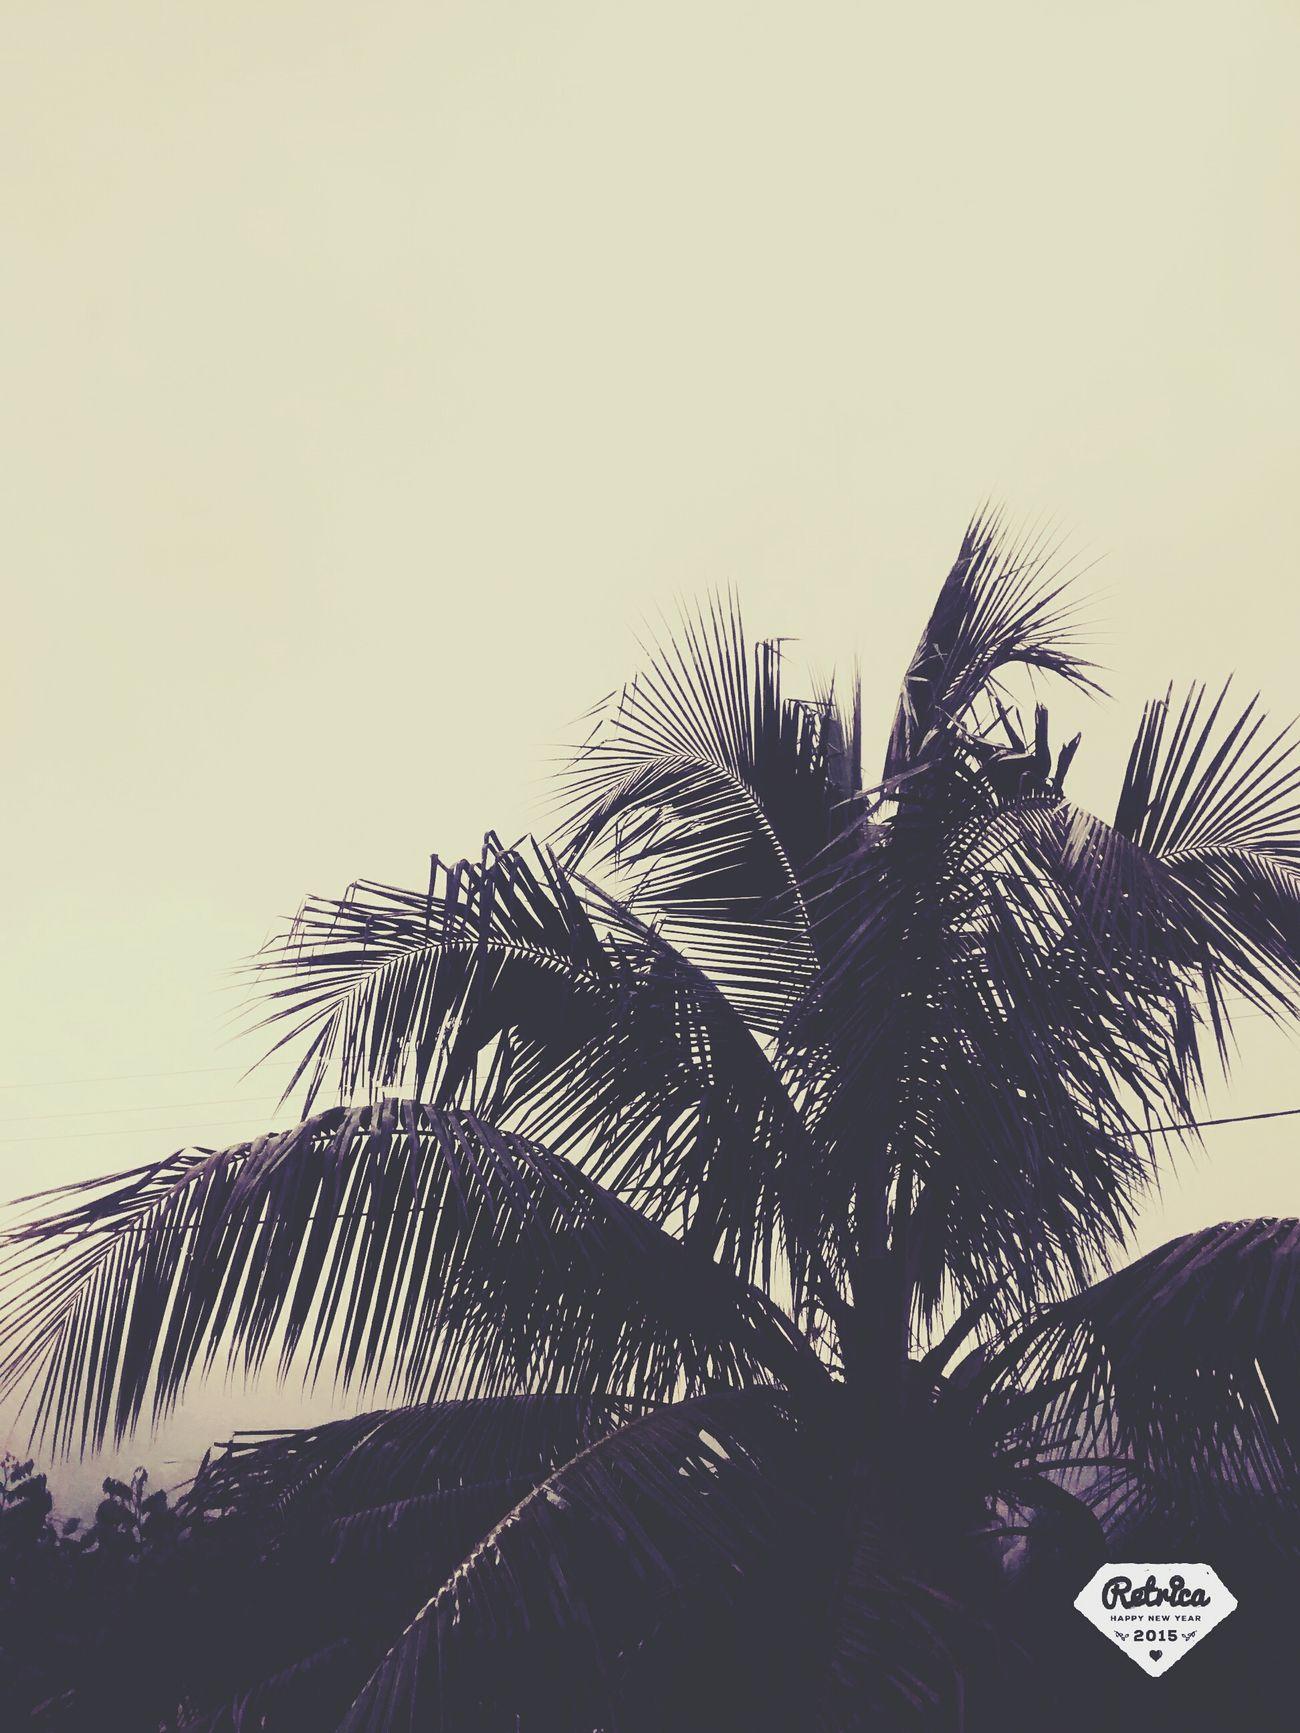 La fora a chuva cai ... 💧❇❇